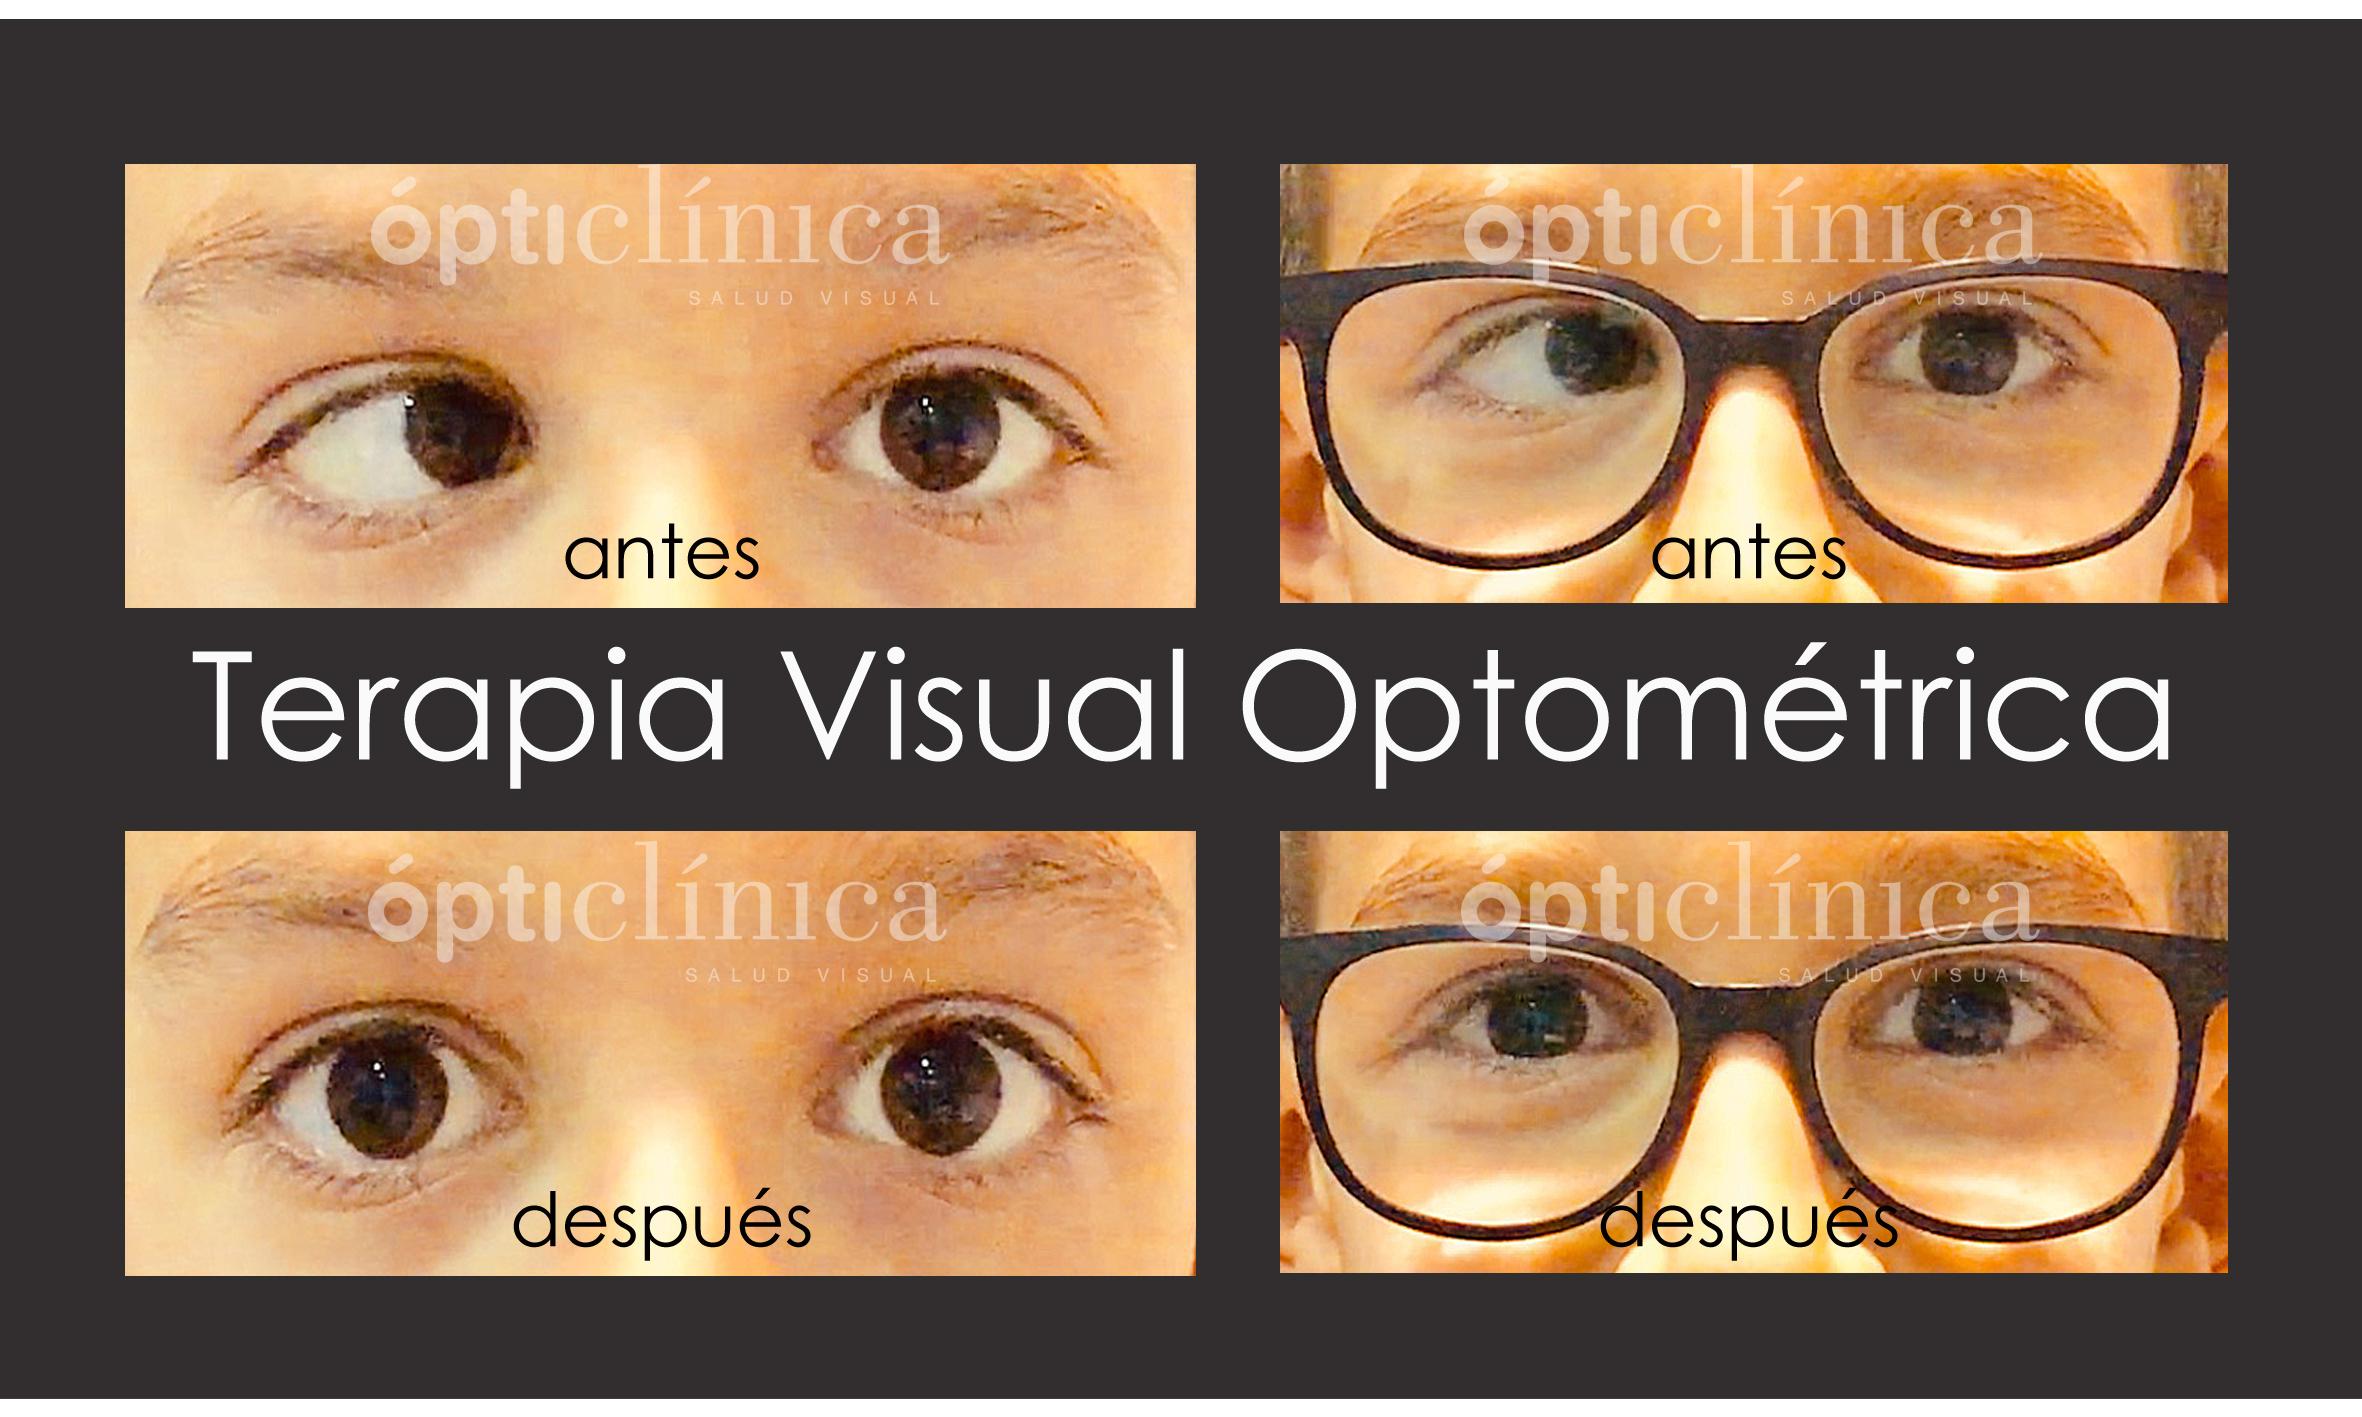 Terapia Visual Optométrica en Estrabismos